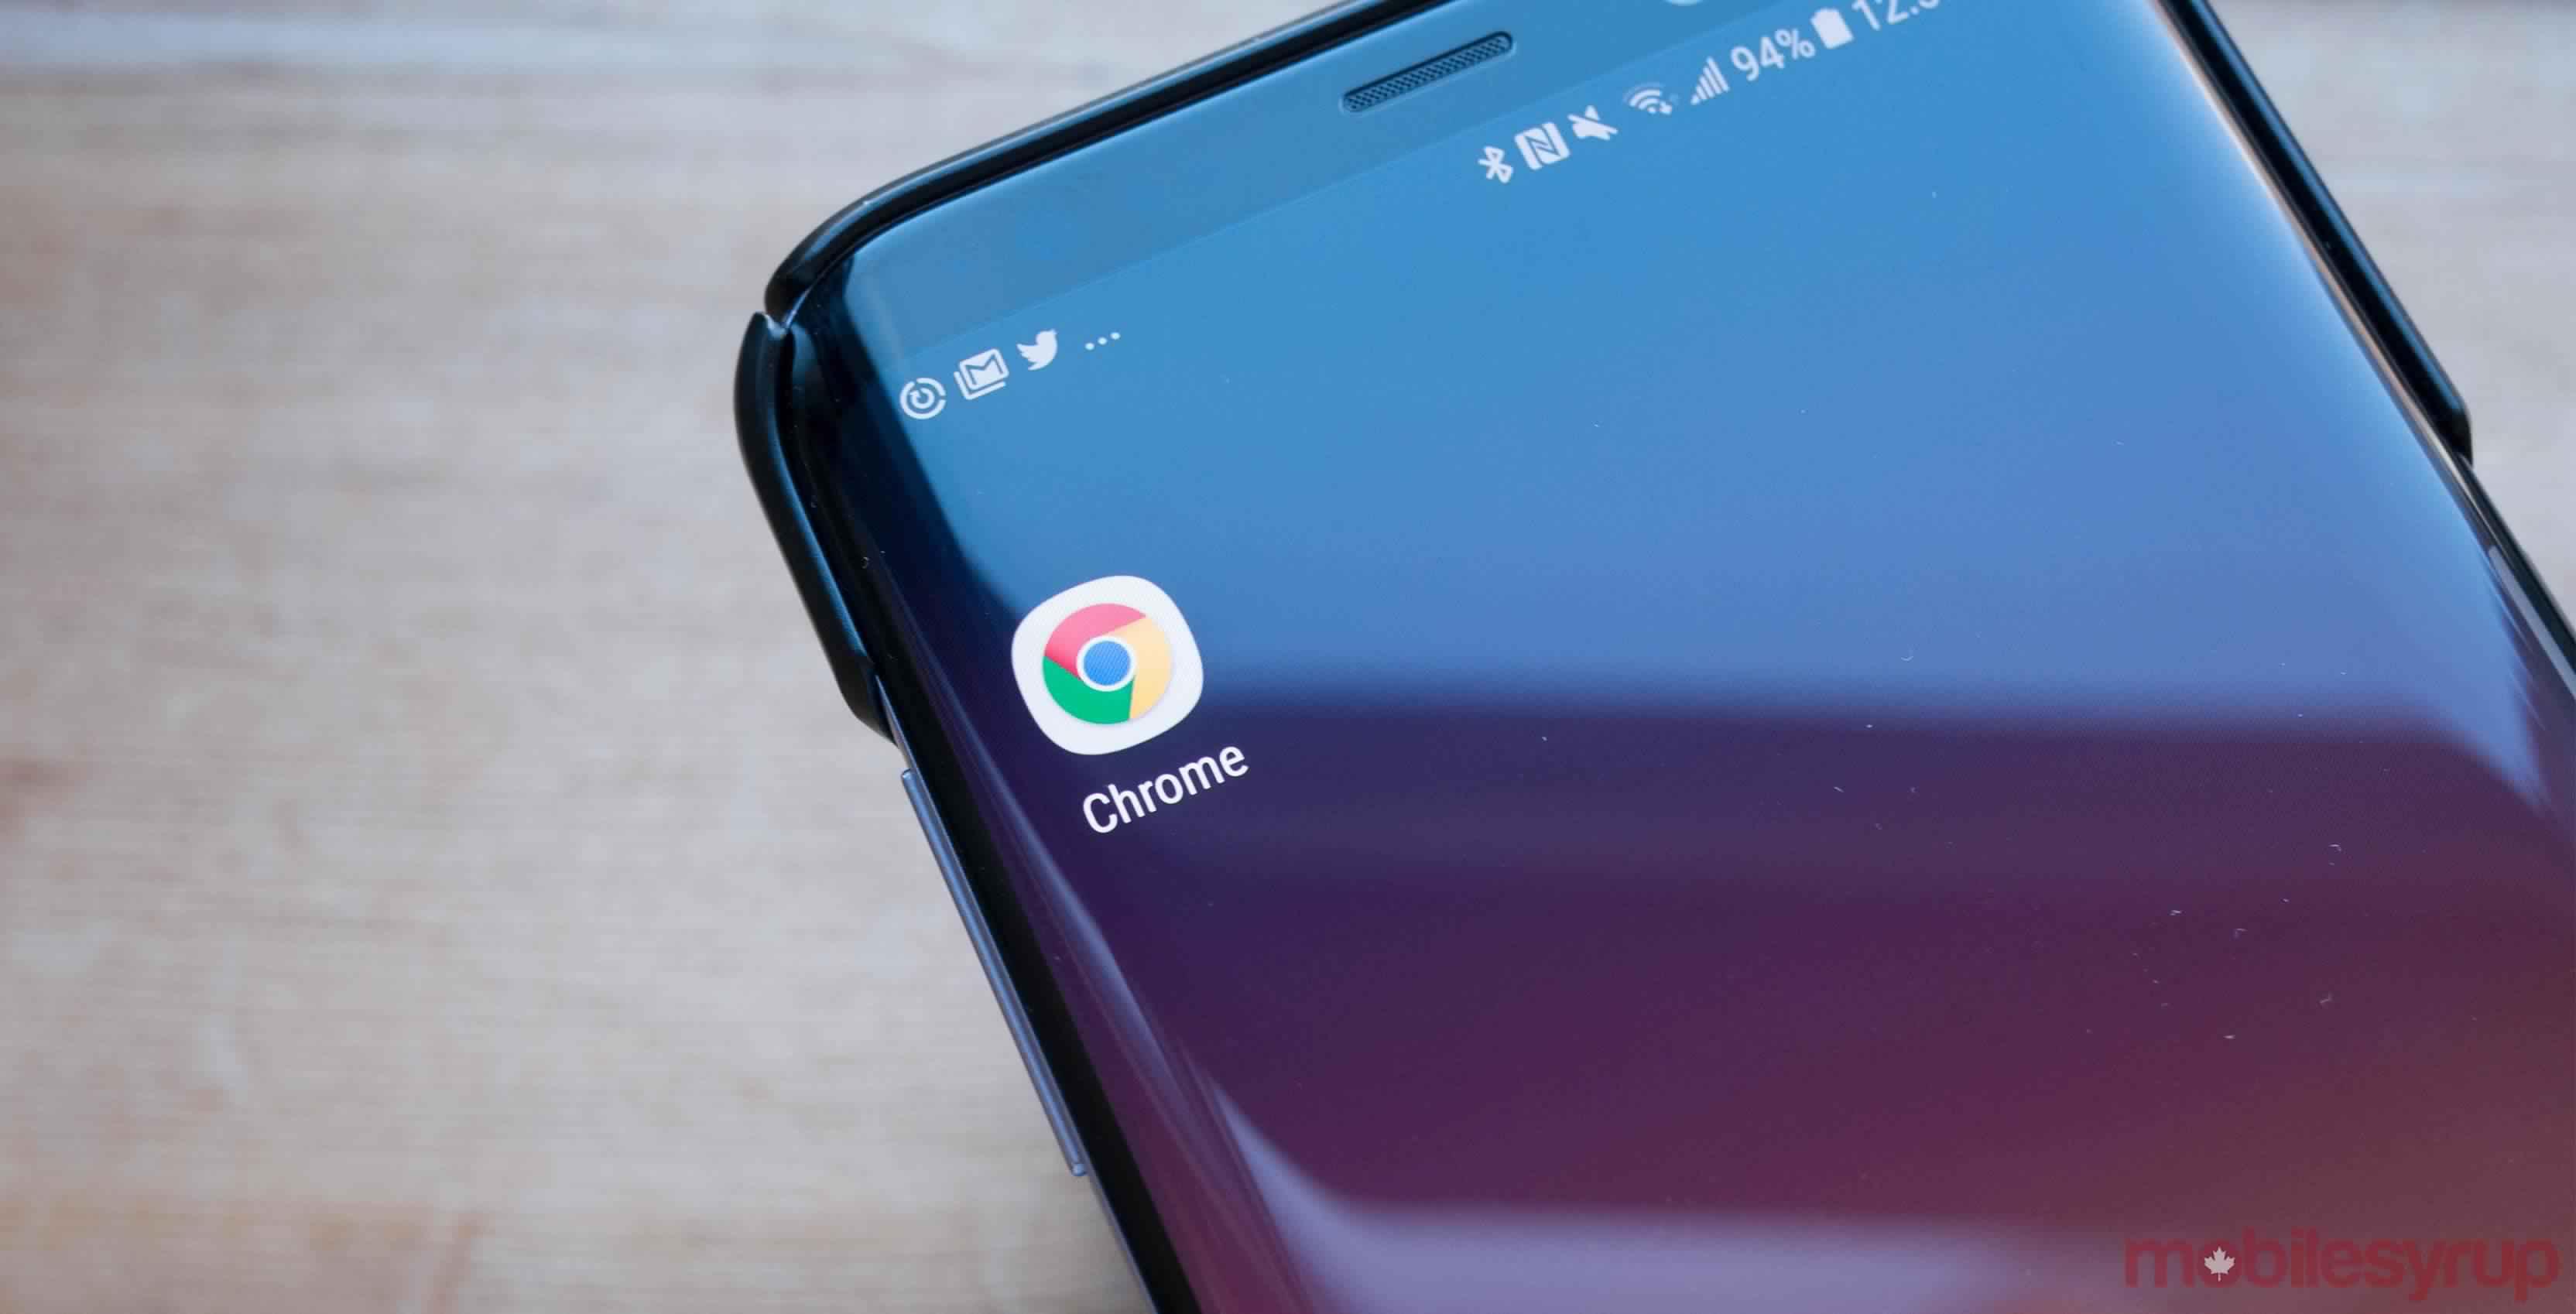 جوجل تطرح النسخة التجريبية من Chrome 60 على متجرها | بوابة الموبايلات